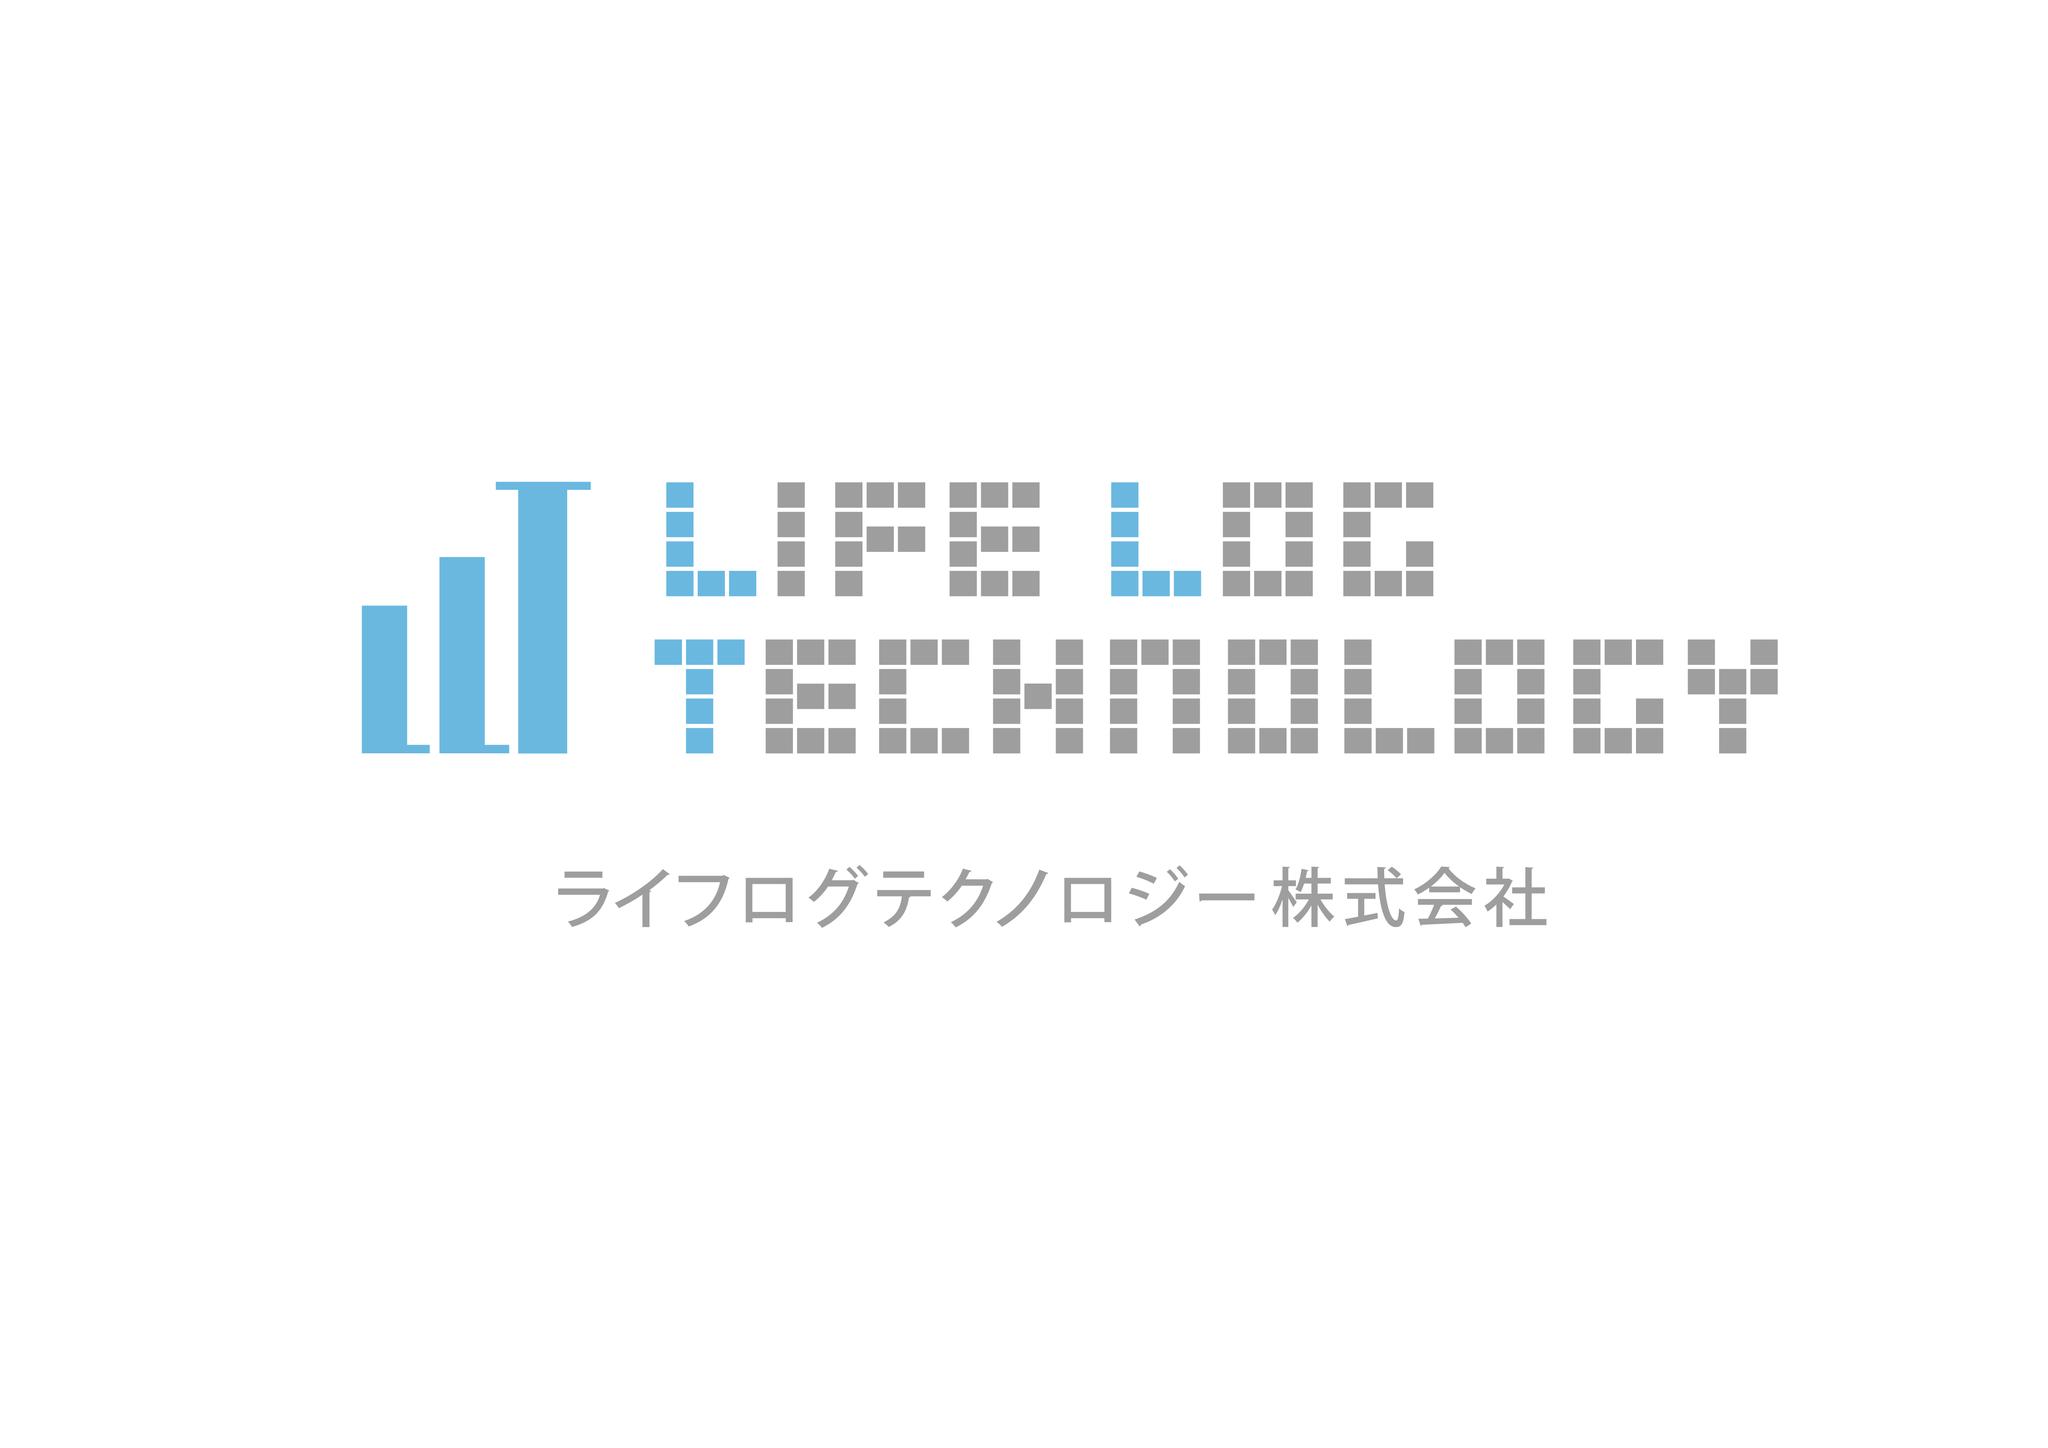 ジャパン ライフ 株式 会社 テクノロジーズ